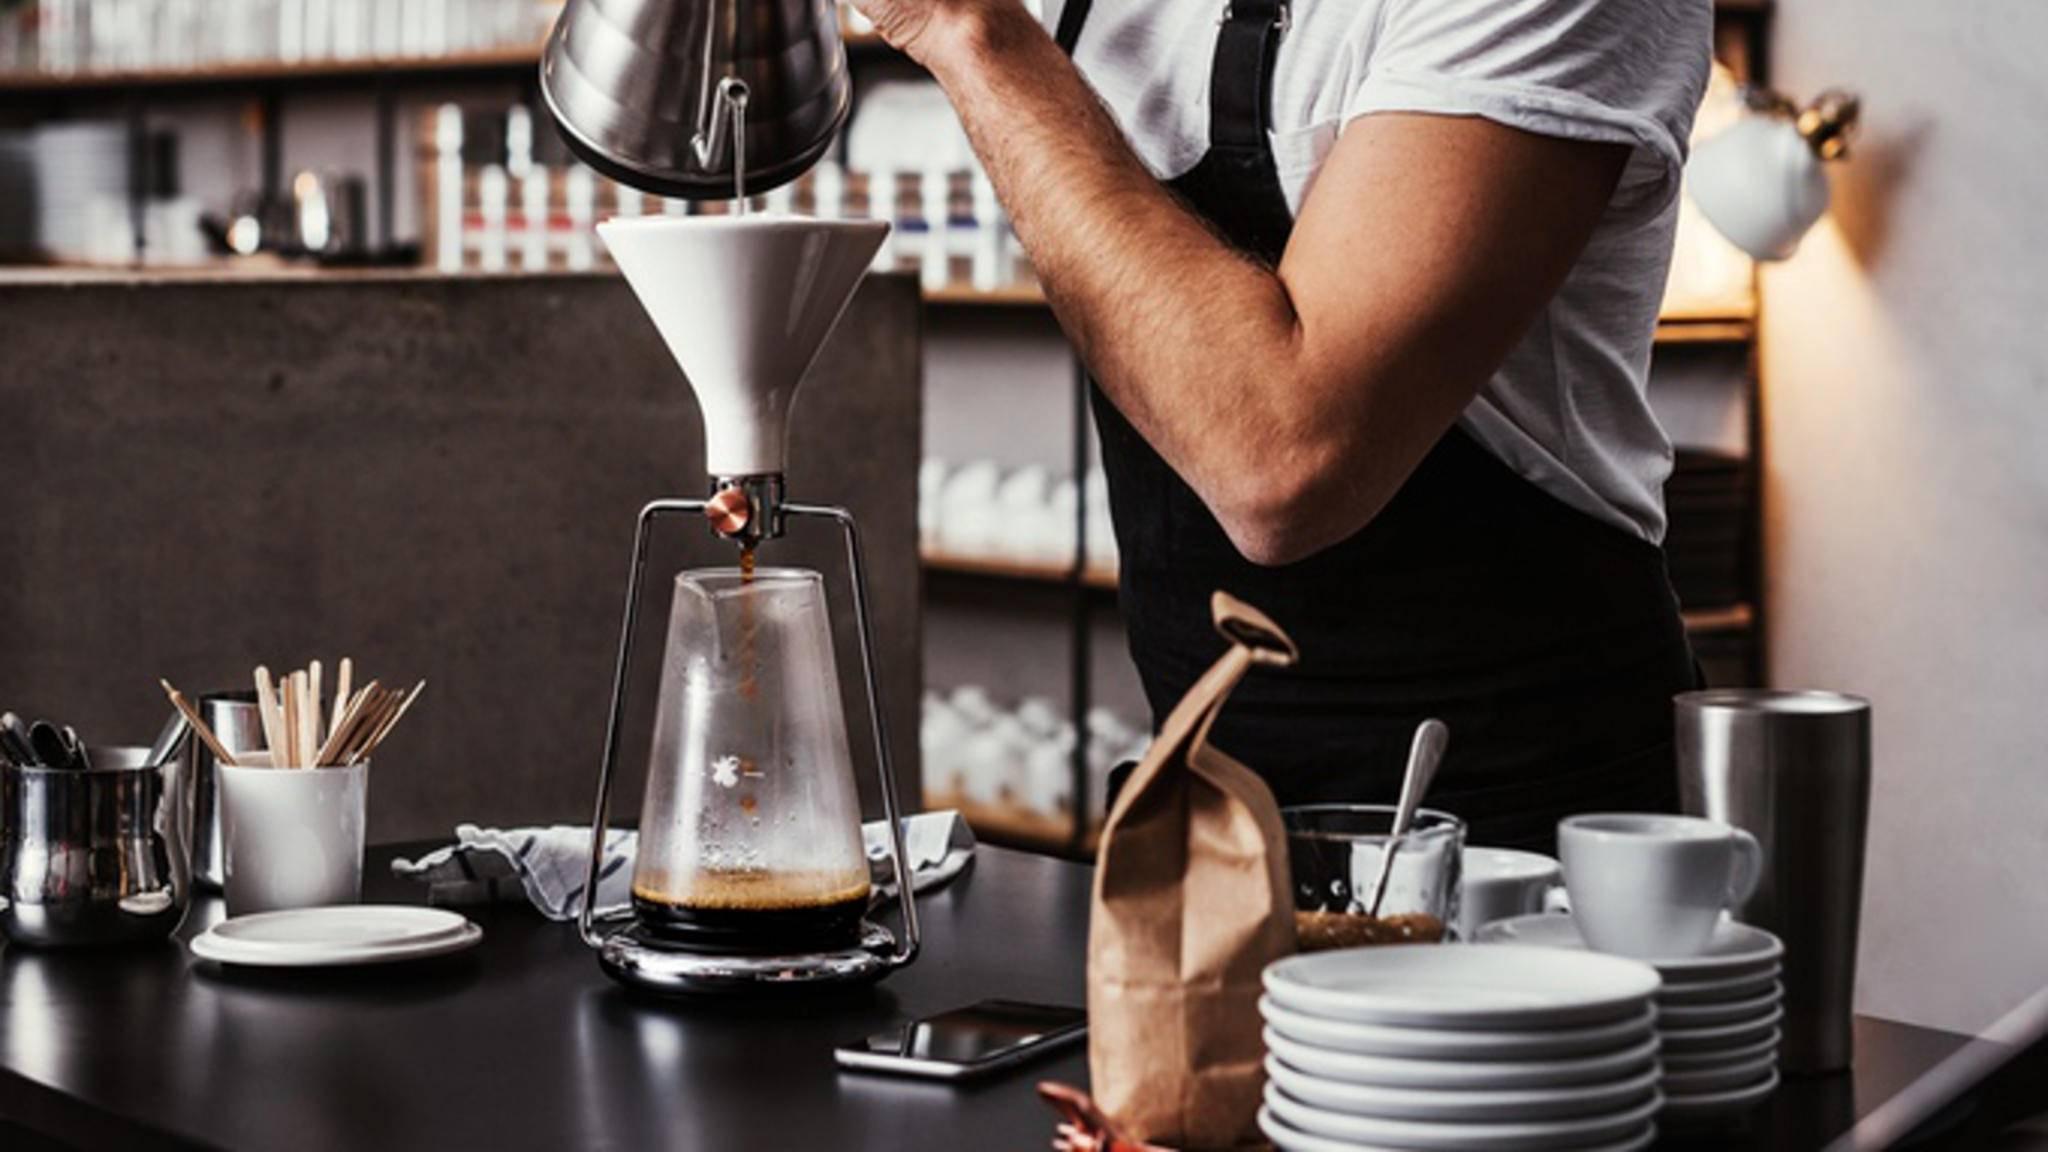 Kaffee wird nicht mehr einfach gekocht, sondern zelebriert – auch auf Kickstarter.